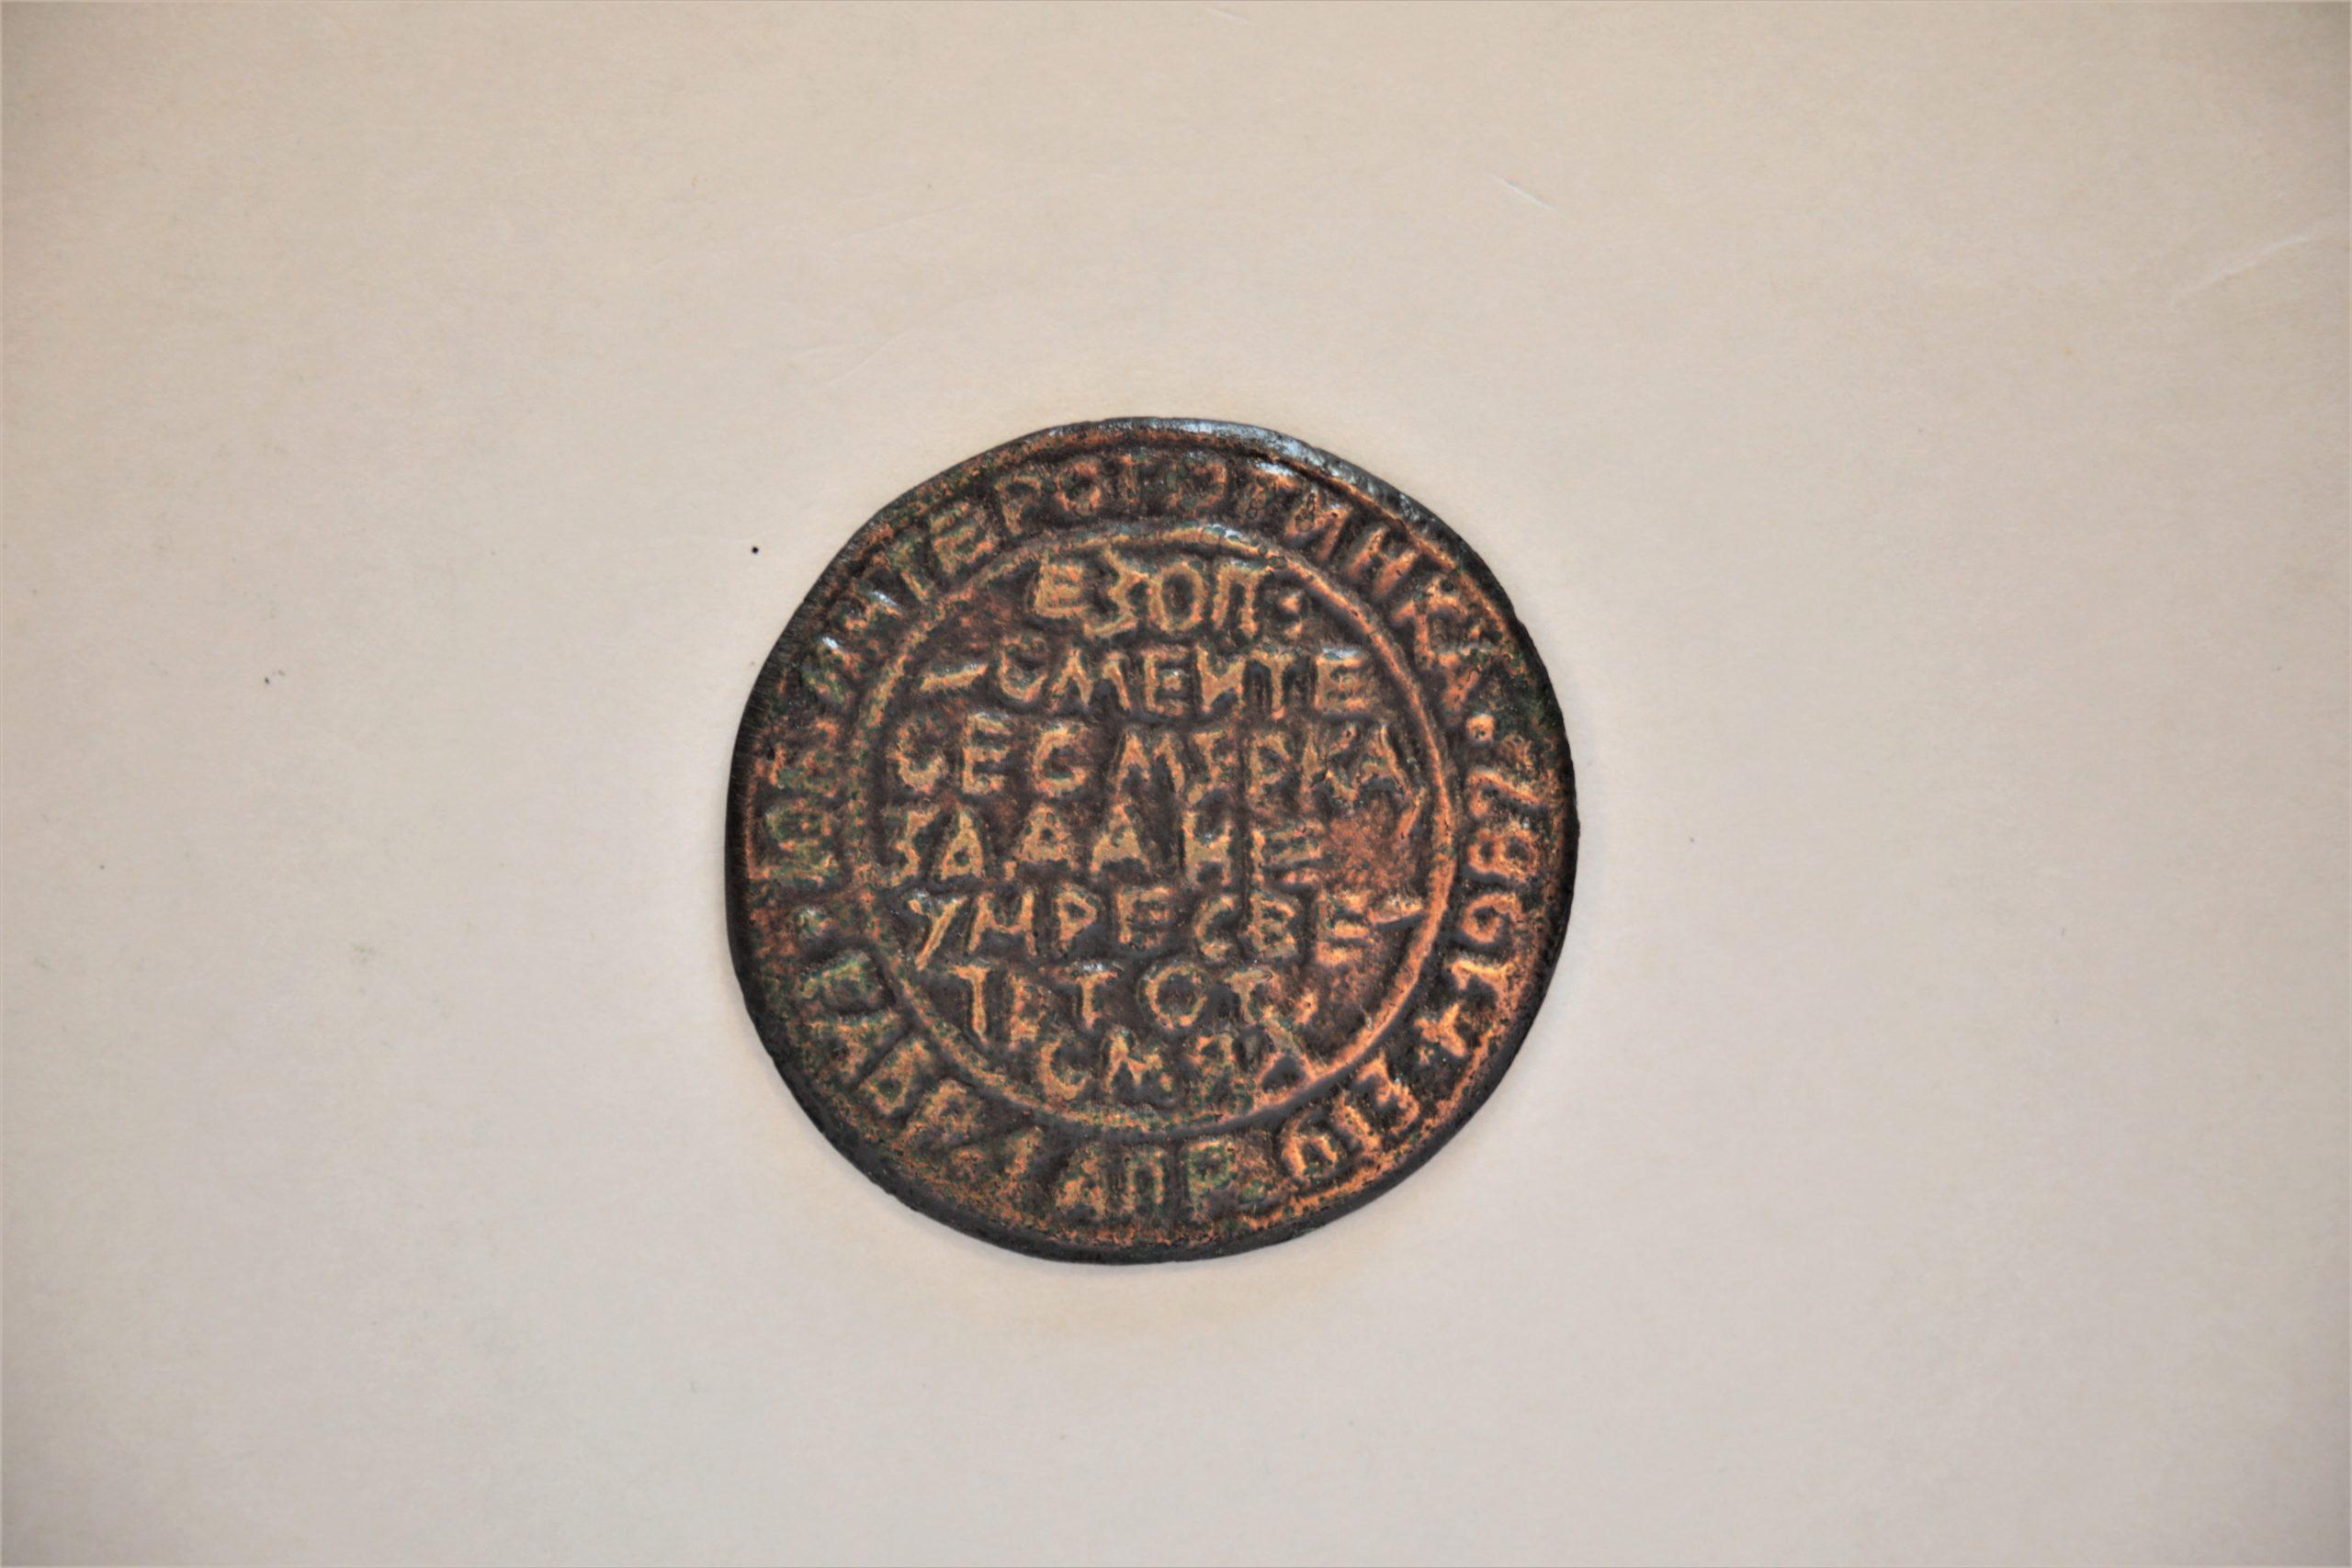 Medalis. Ezopas. Metalas. Reversas. Dail. E. Varnas